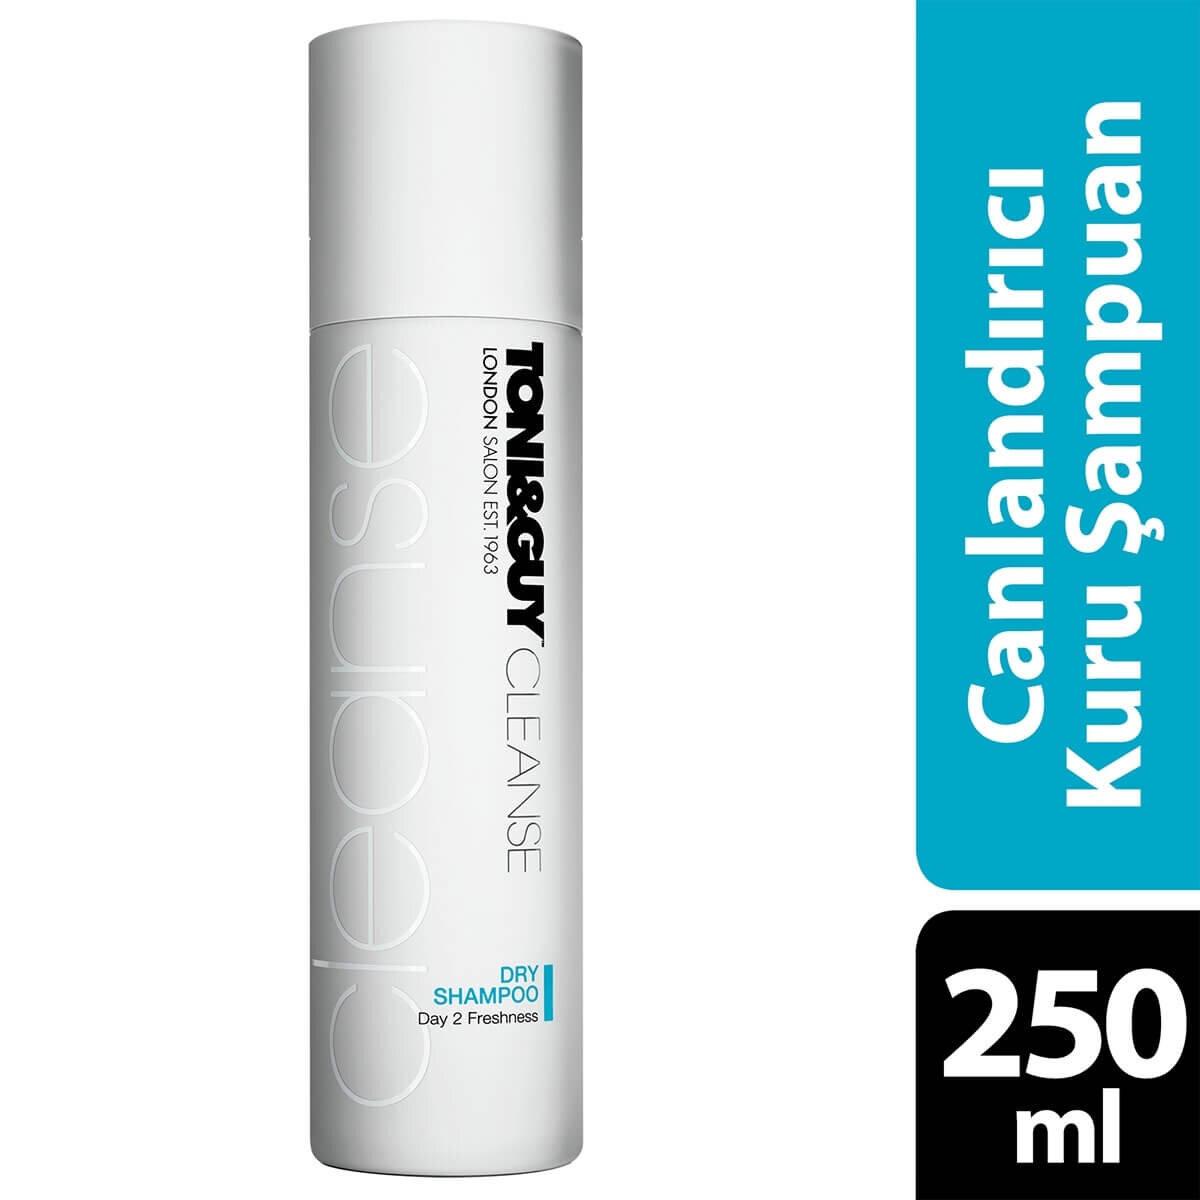 Kuru Şampuan 250 ml